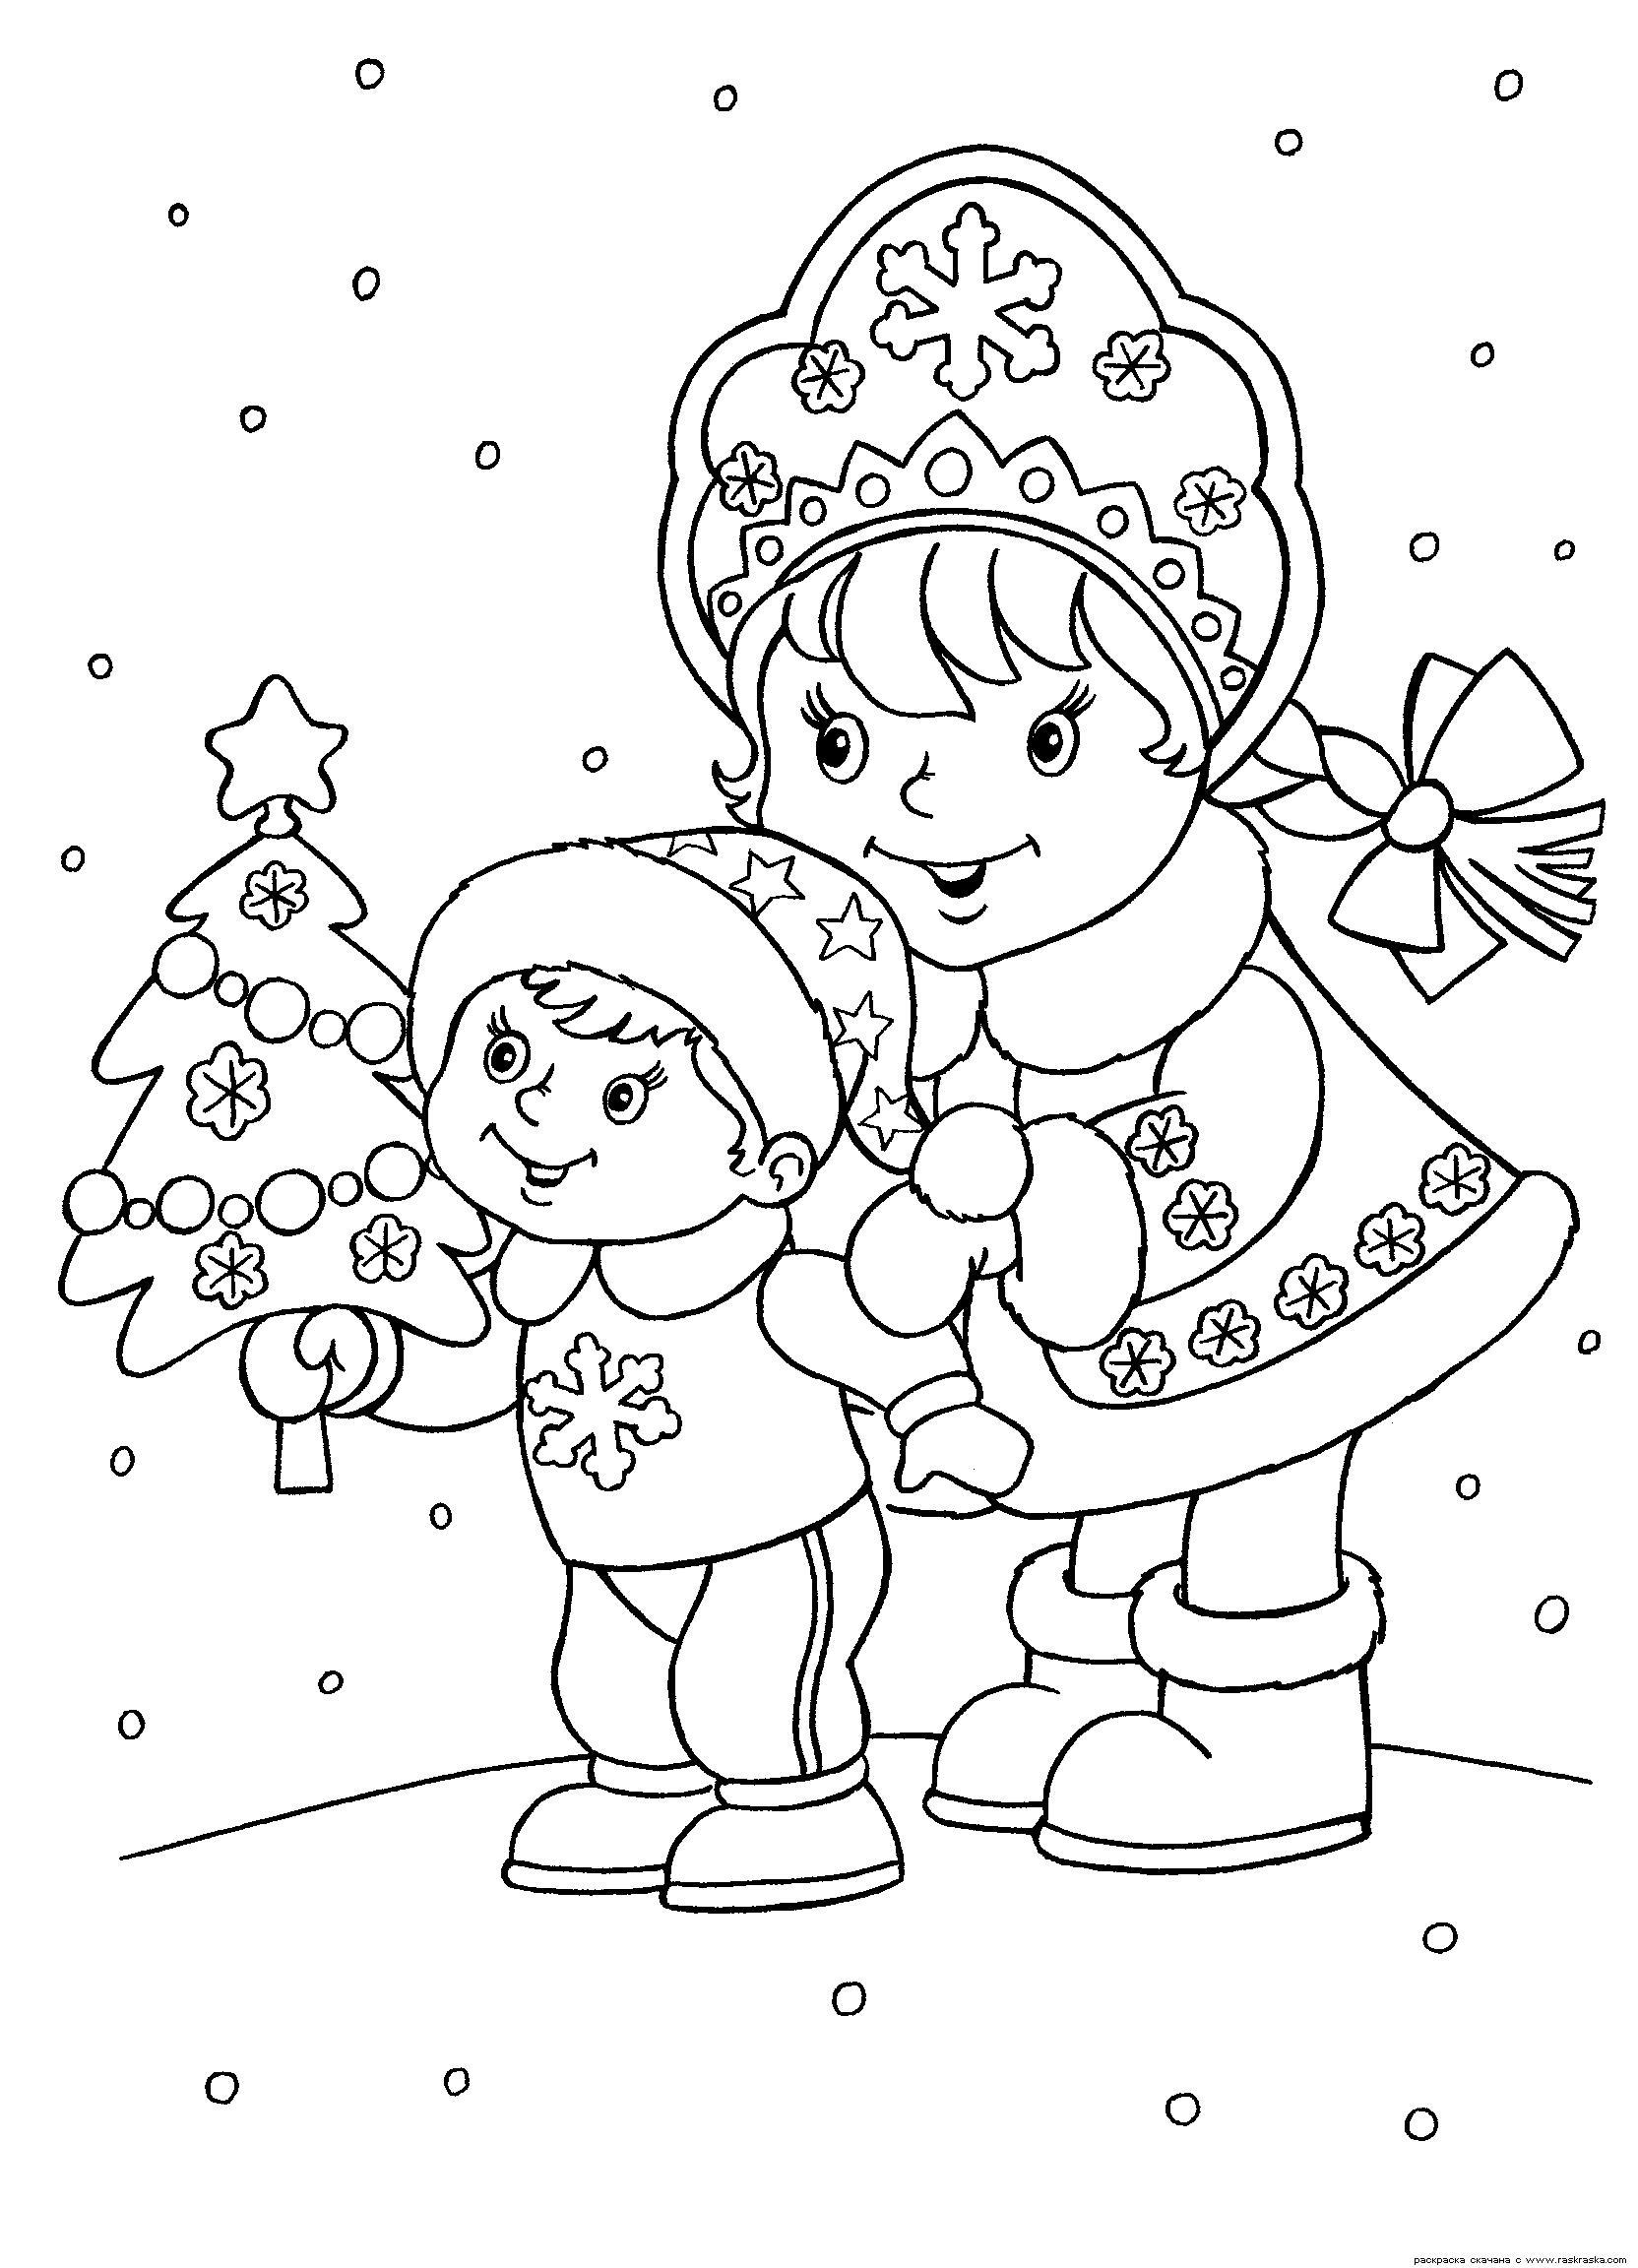 Снегурочка с мальчиком и елочкой Раскраски на тему зима